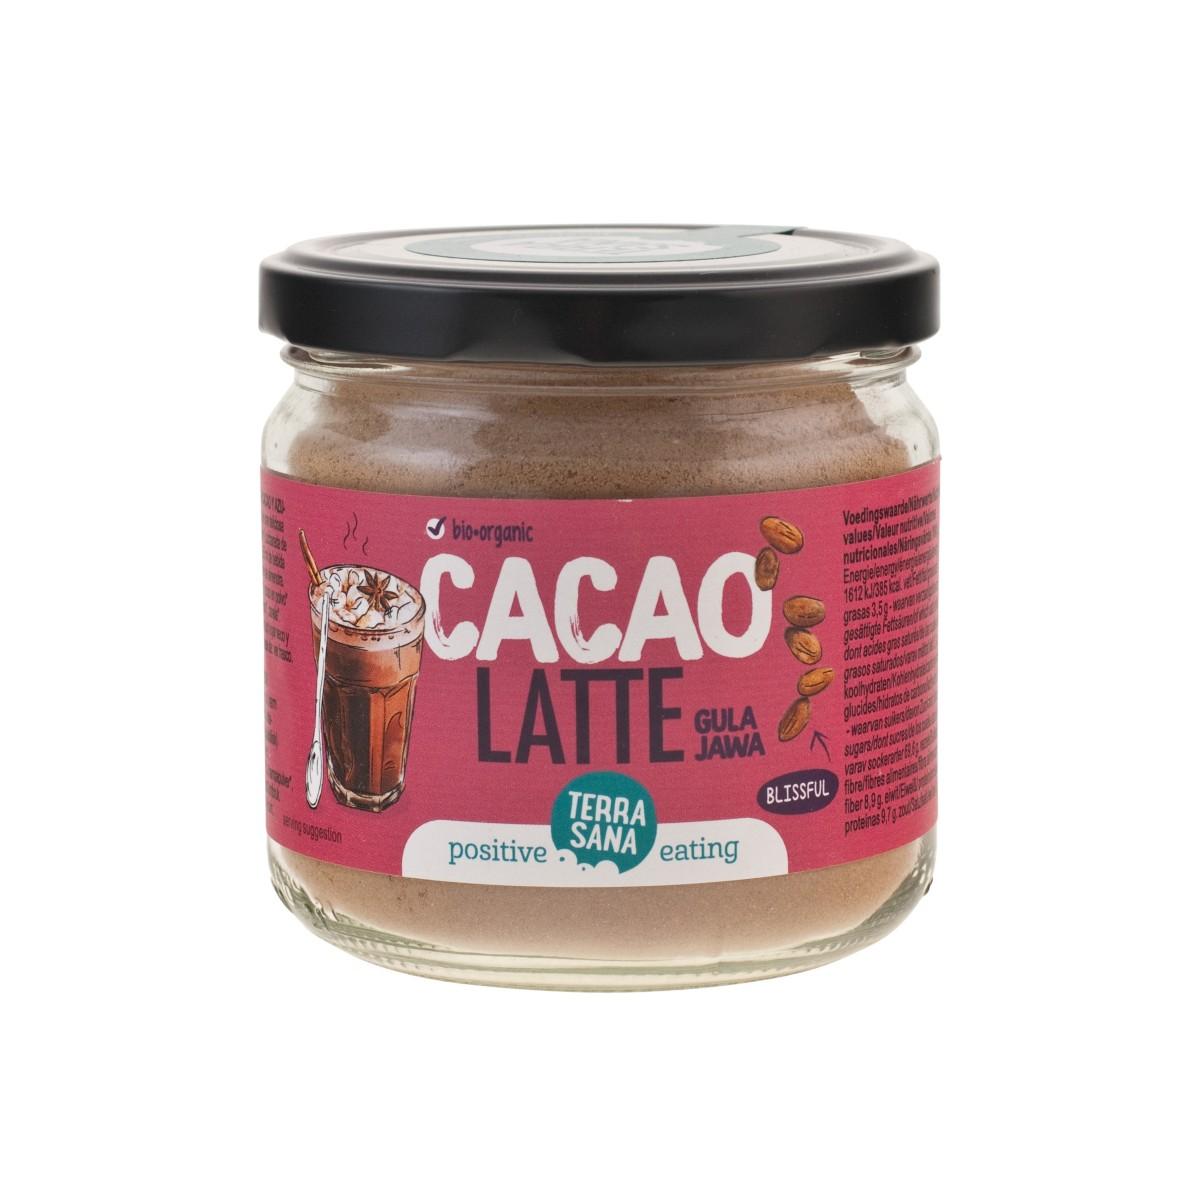 Cacao Latte Gula Jawa